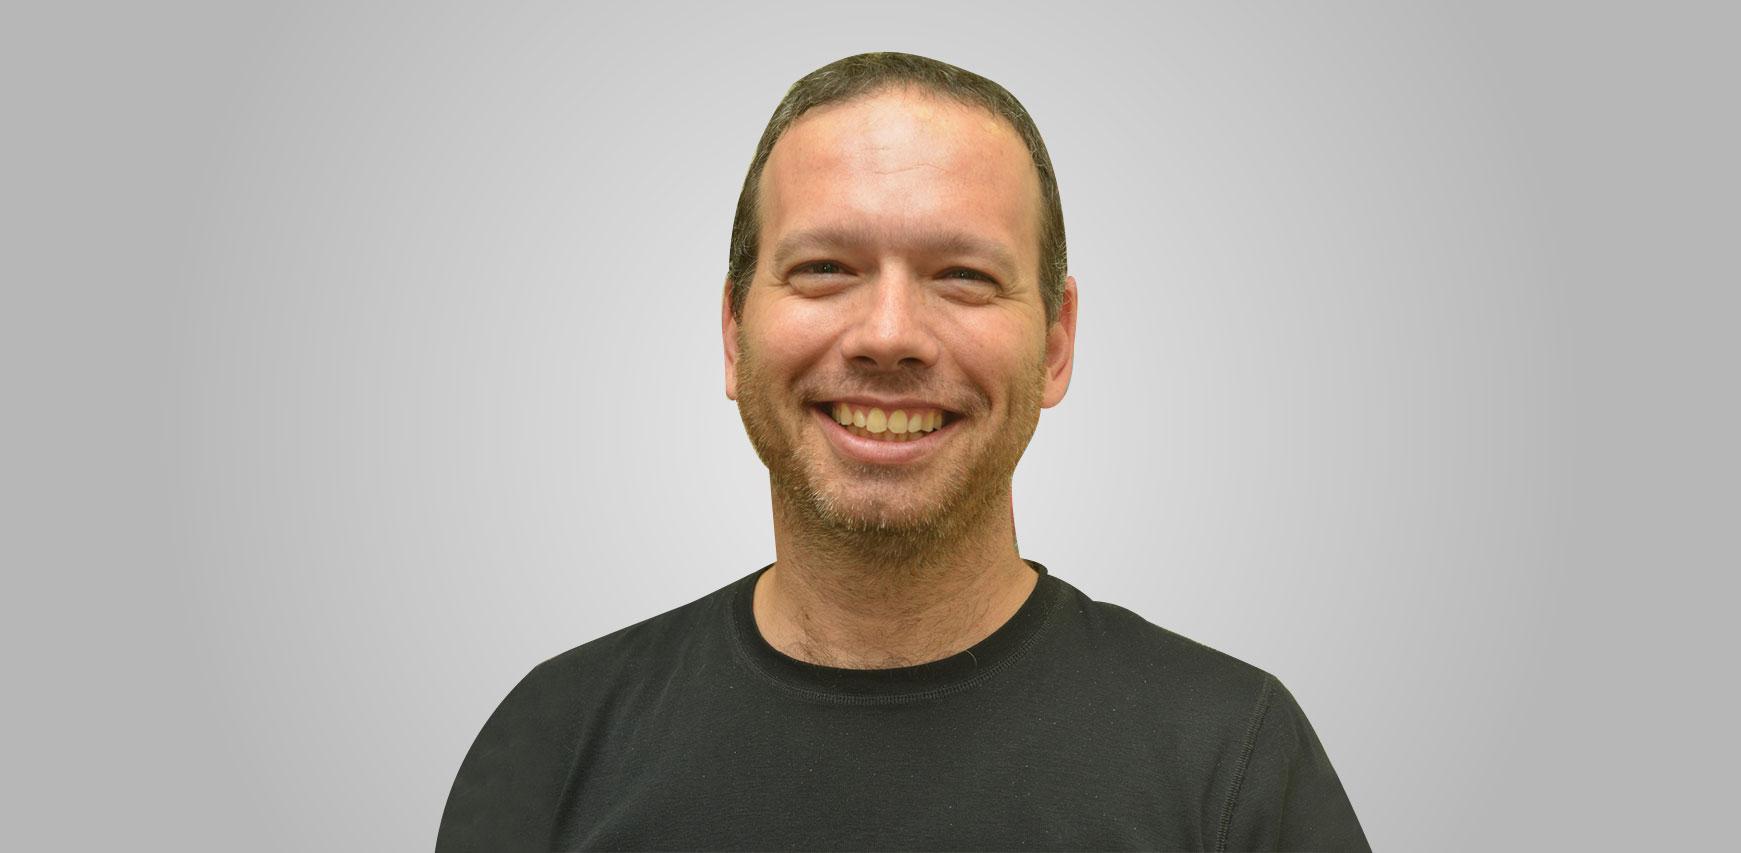 """שגיא שליסר, מנכ""""ל קרייזי לאבס וממייסדי החברה / צילום: תמר מצפי"""